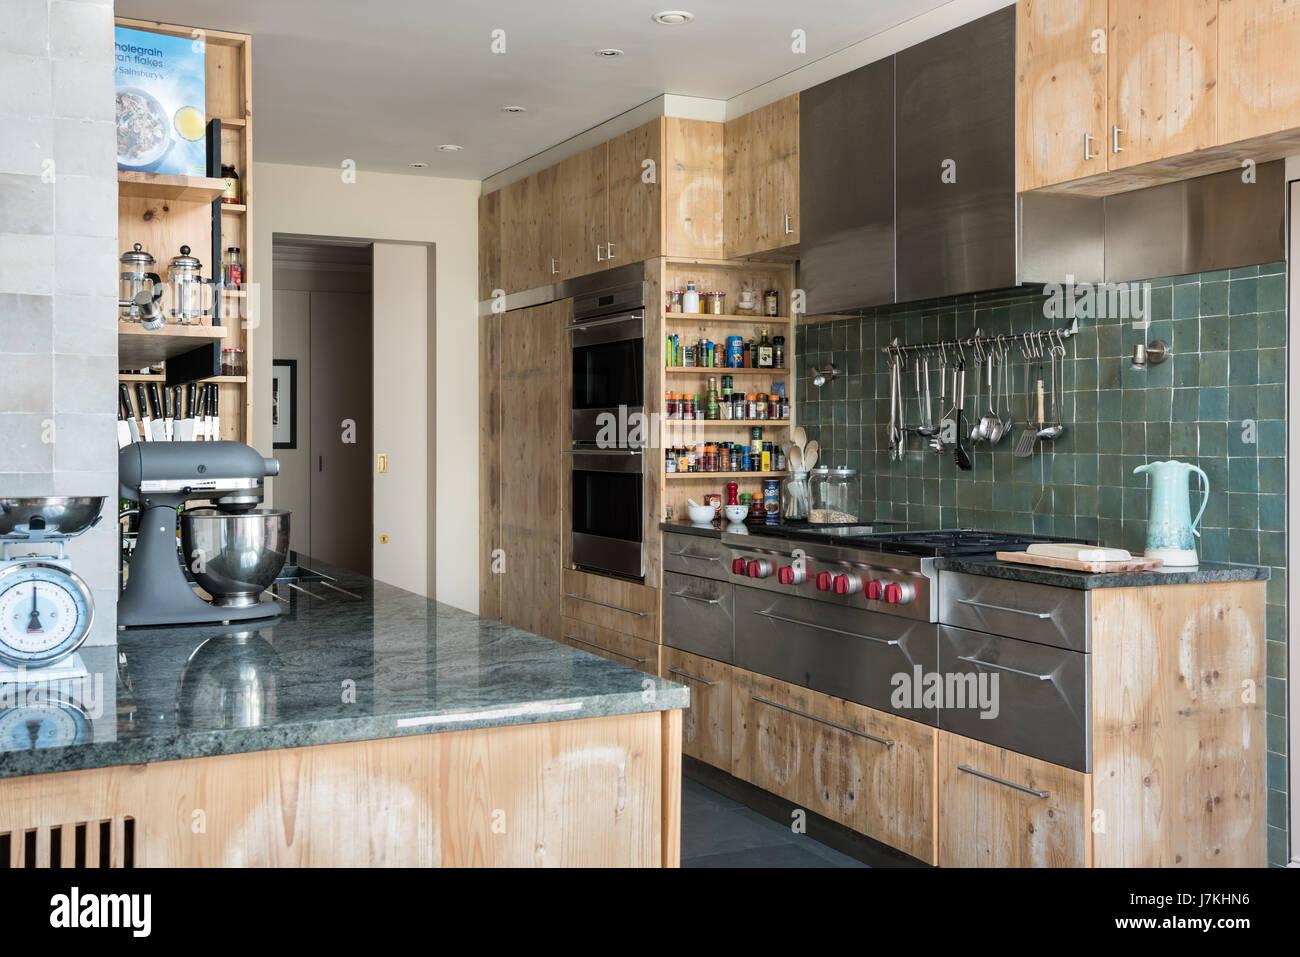 Kitchen Spice Rack Stockfotos & Kitchen Spice Rack Bilder - Alamy